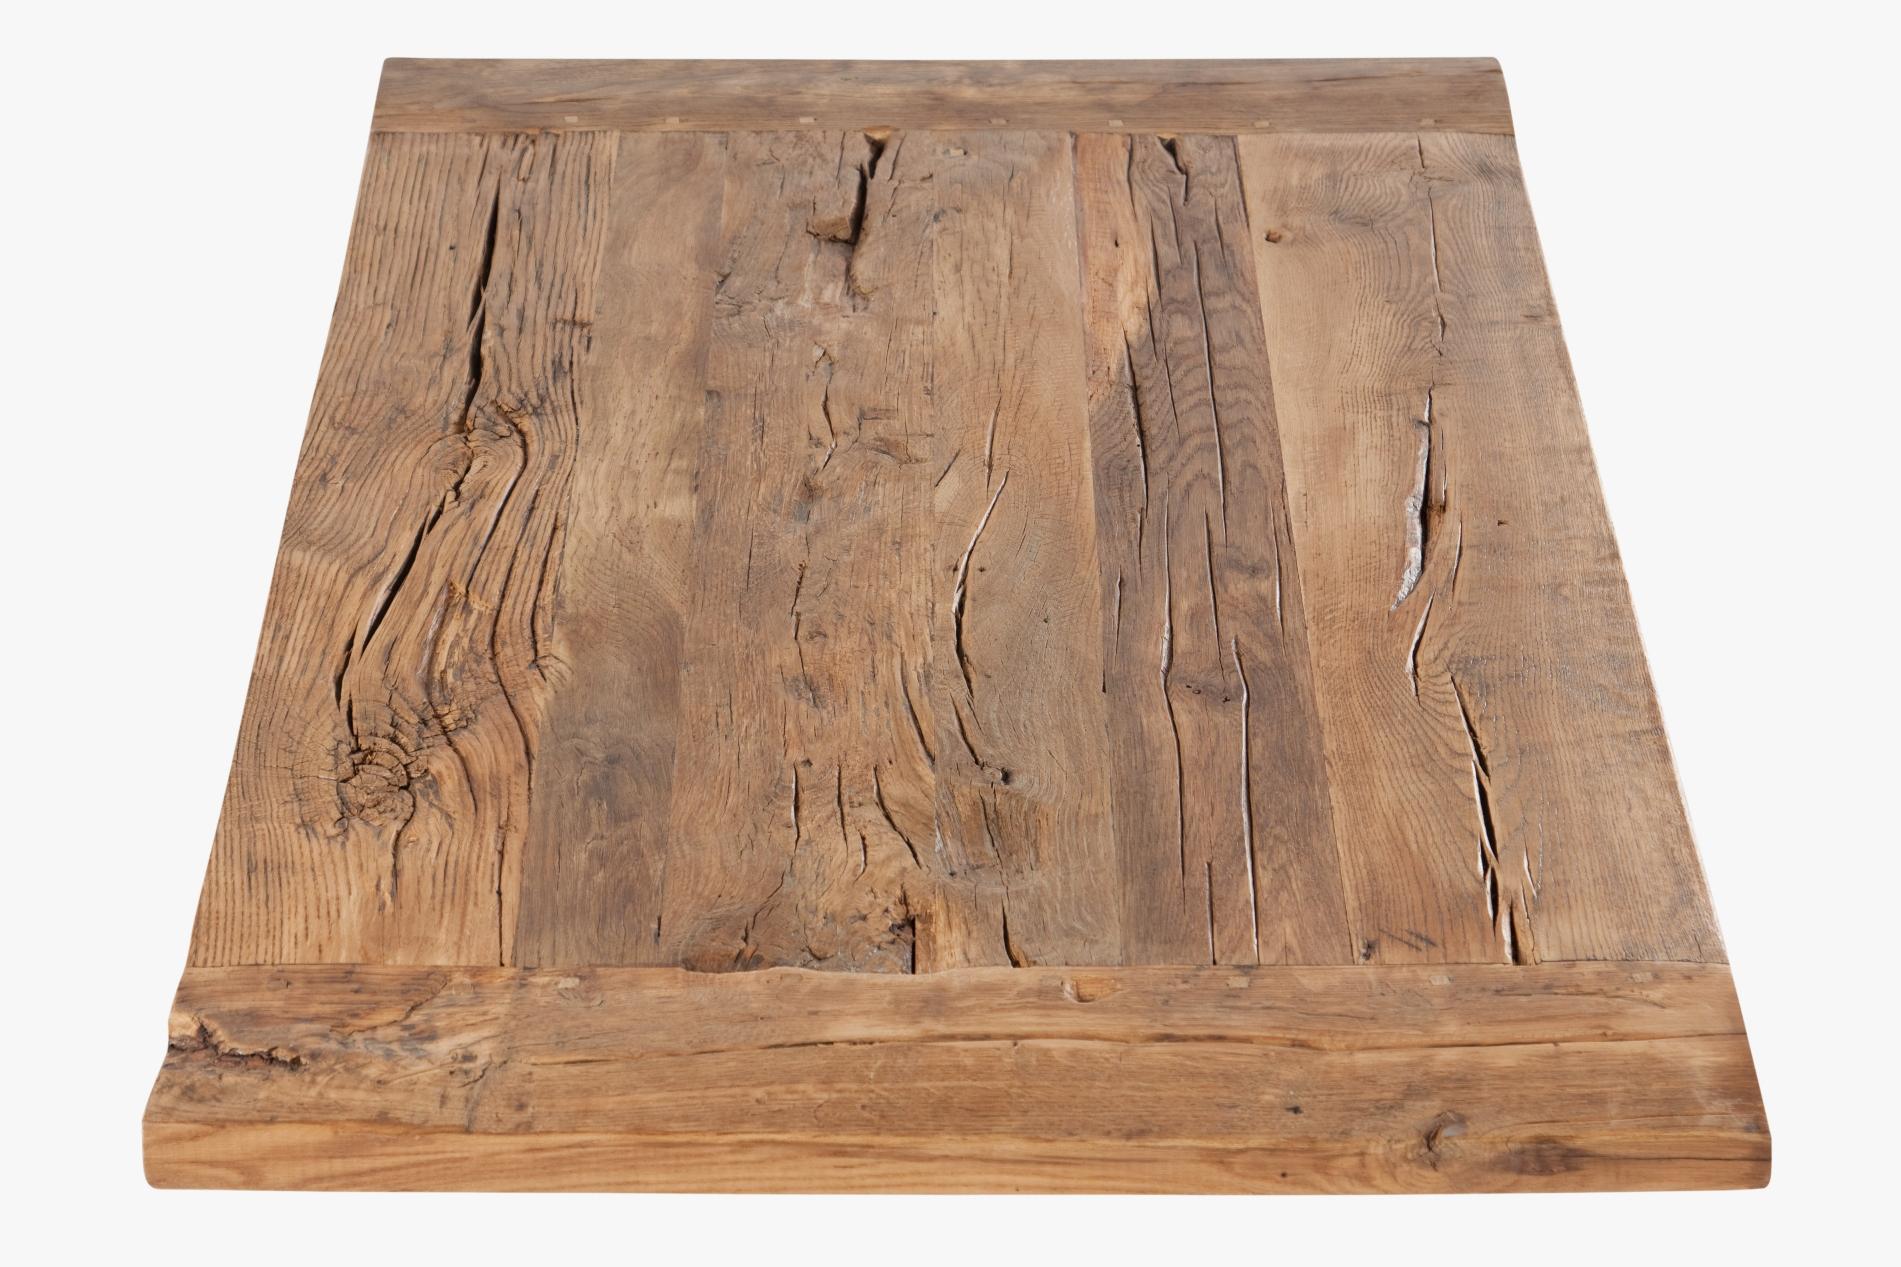 Altholz_Tischplatte_Antikholz_Eiche  BS-Holzdesign